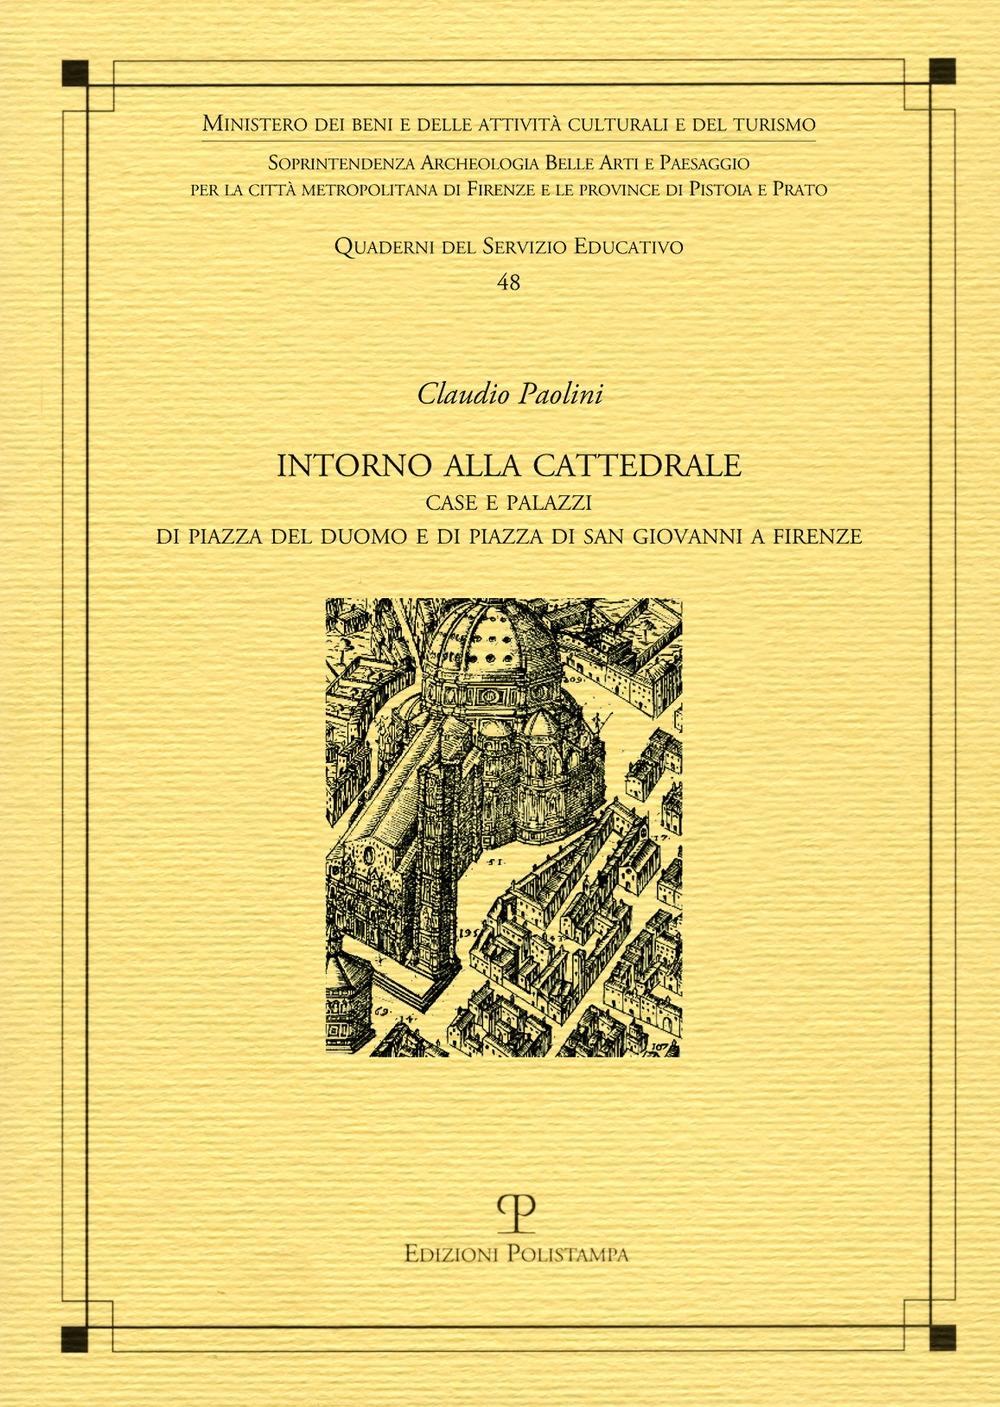 Intorno alla cattedrale. Case e palazzi di Piazza del Duomo e di Piazza di San Giovanni a Firenze